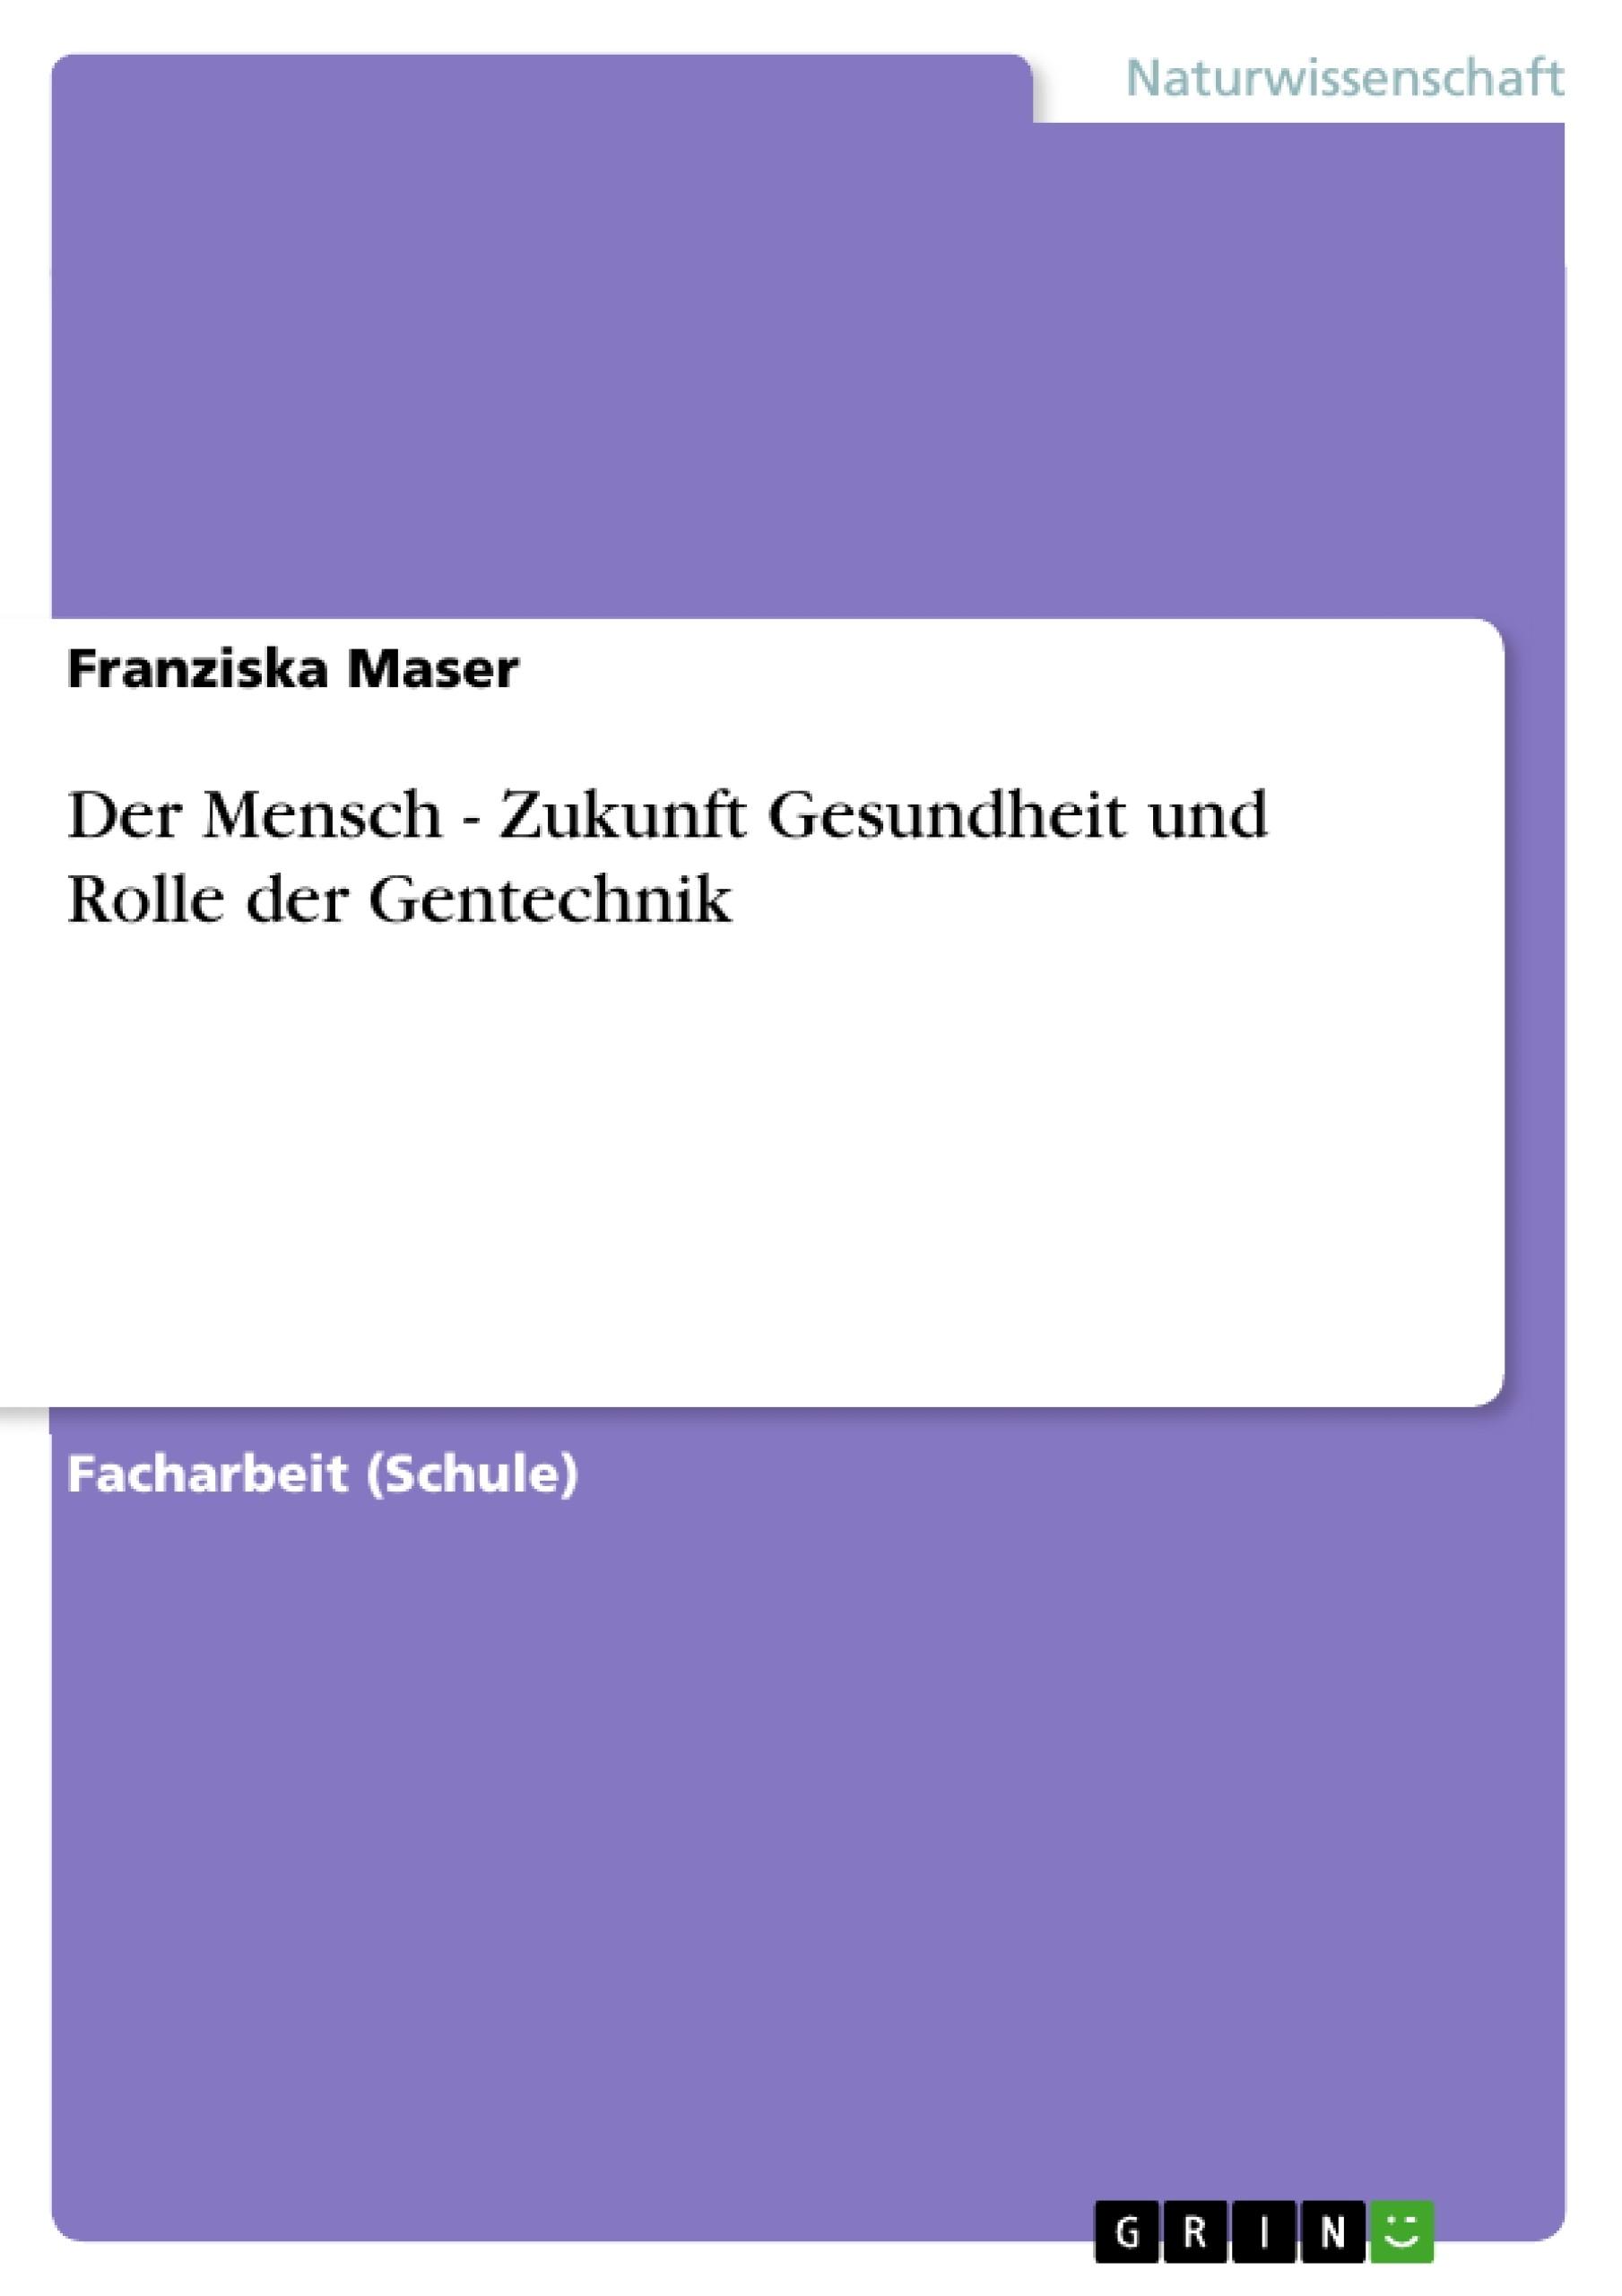 Titel: Der Mensch - Zukunft Gesundheit und Rolle der Gentechnik